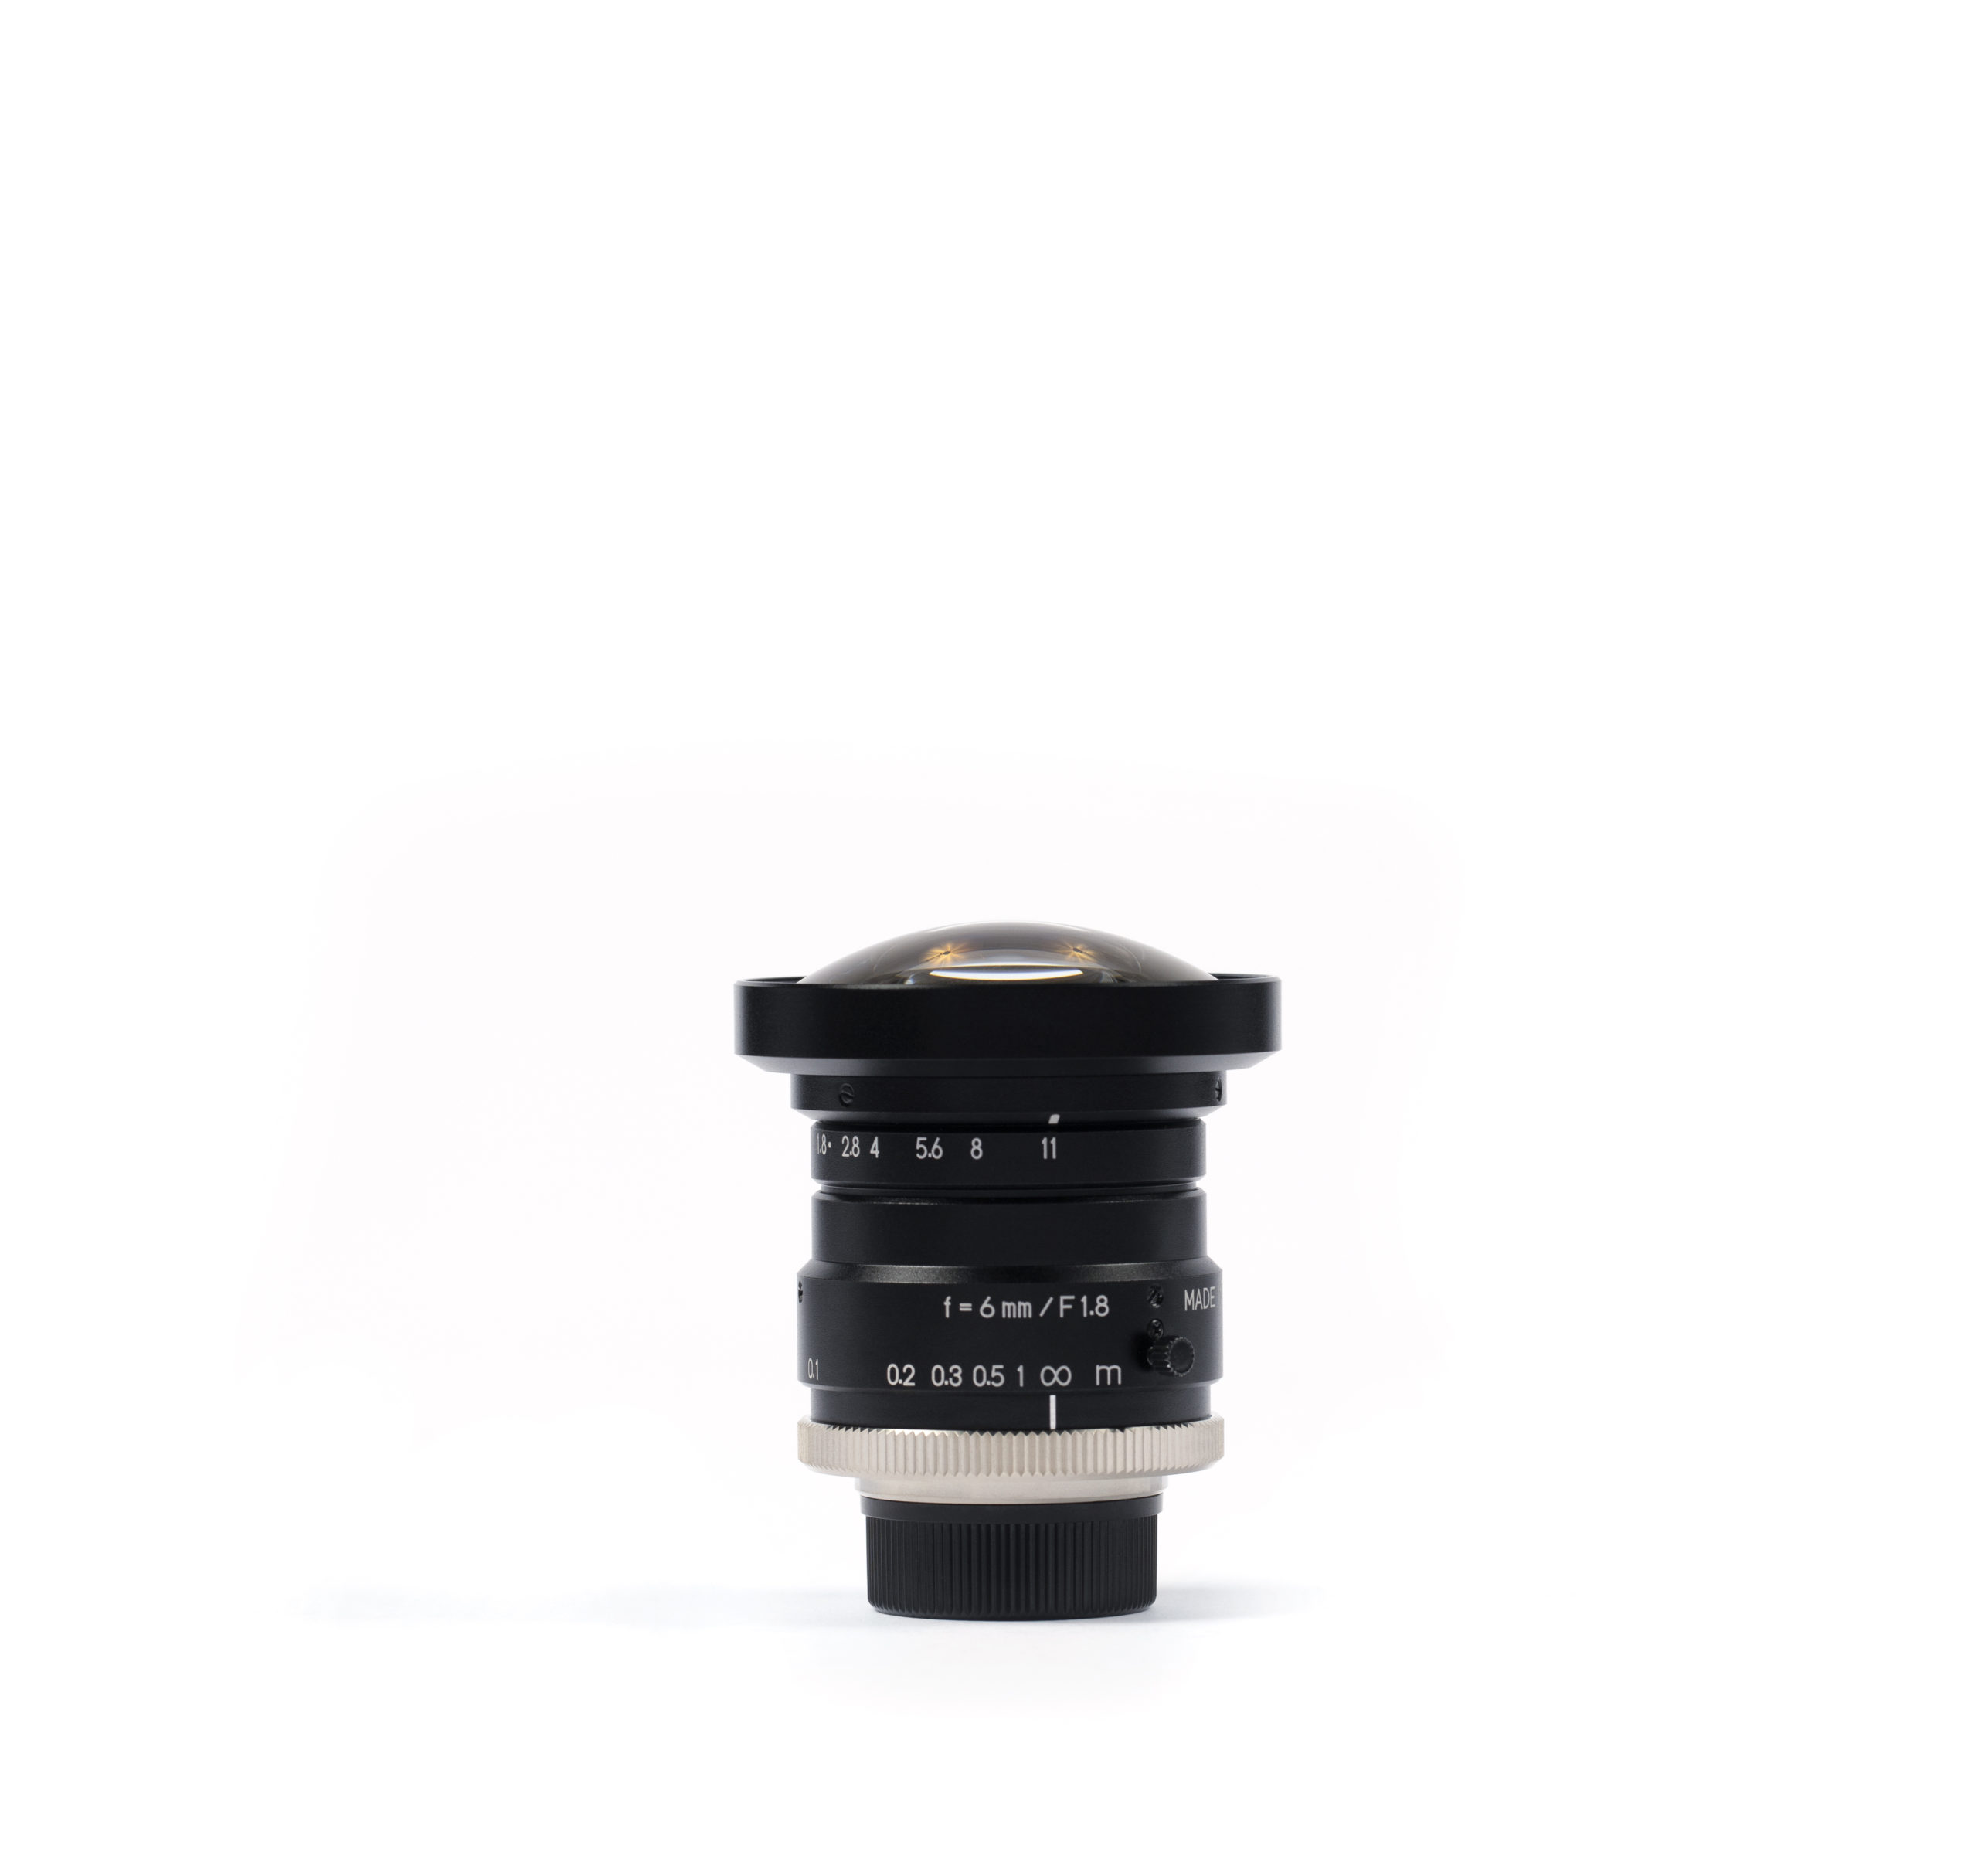 6mm lens